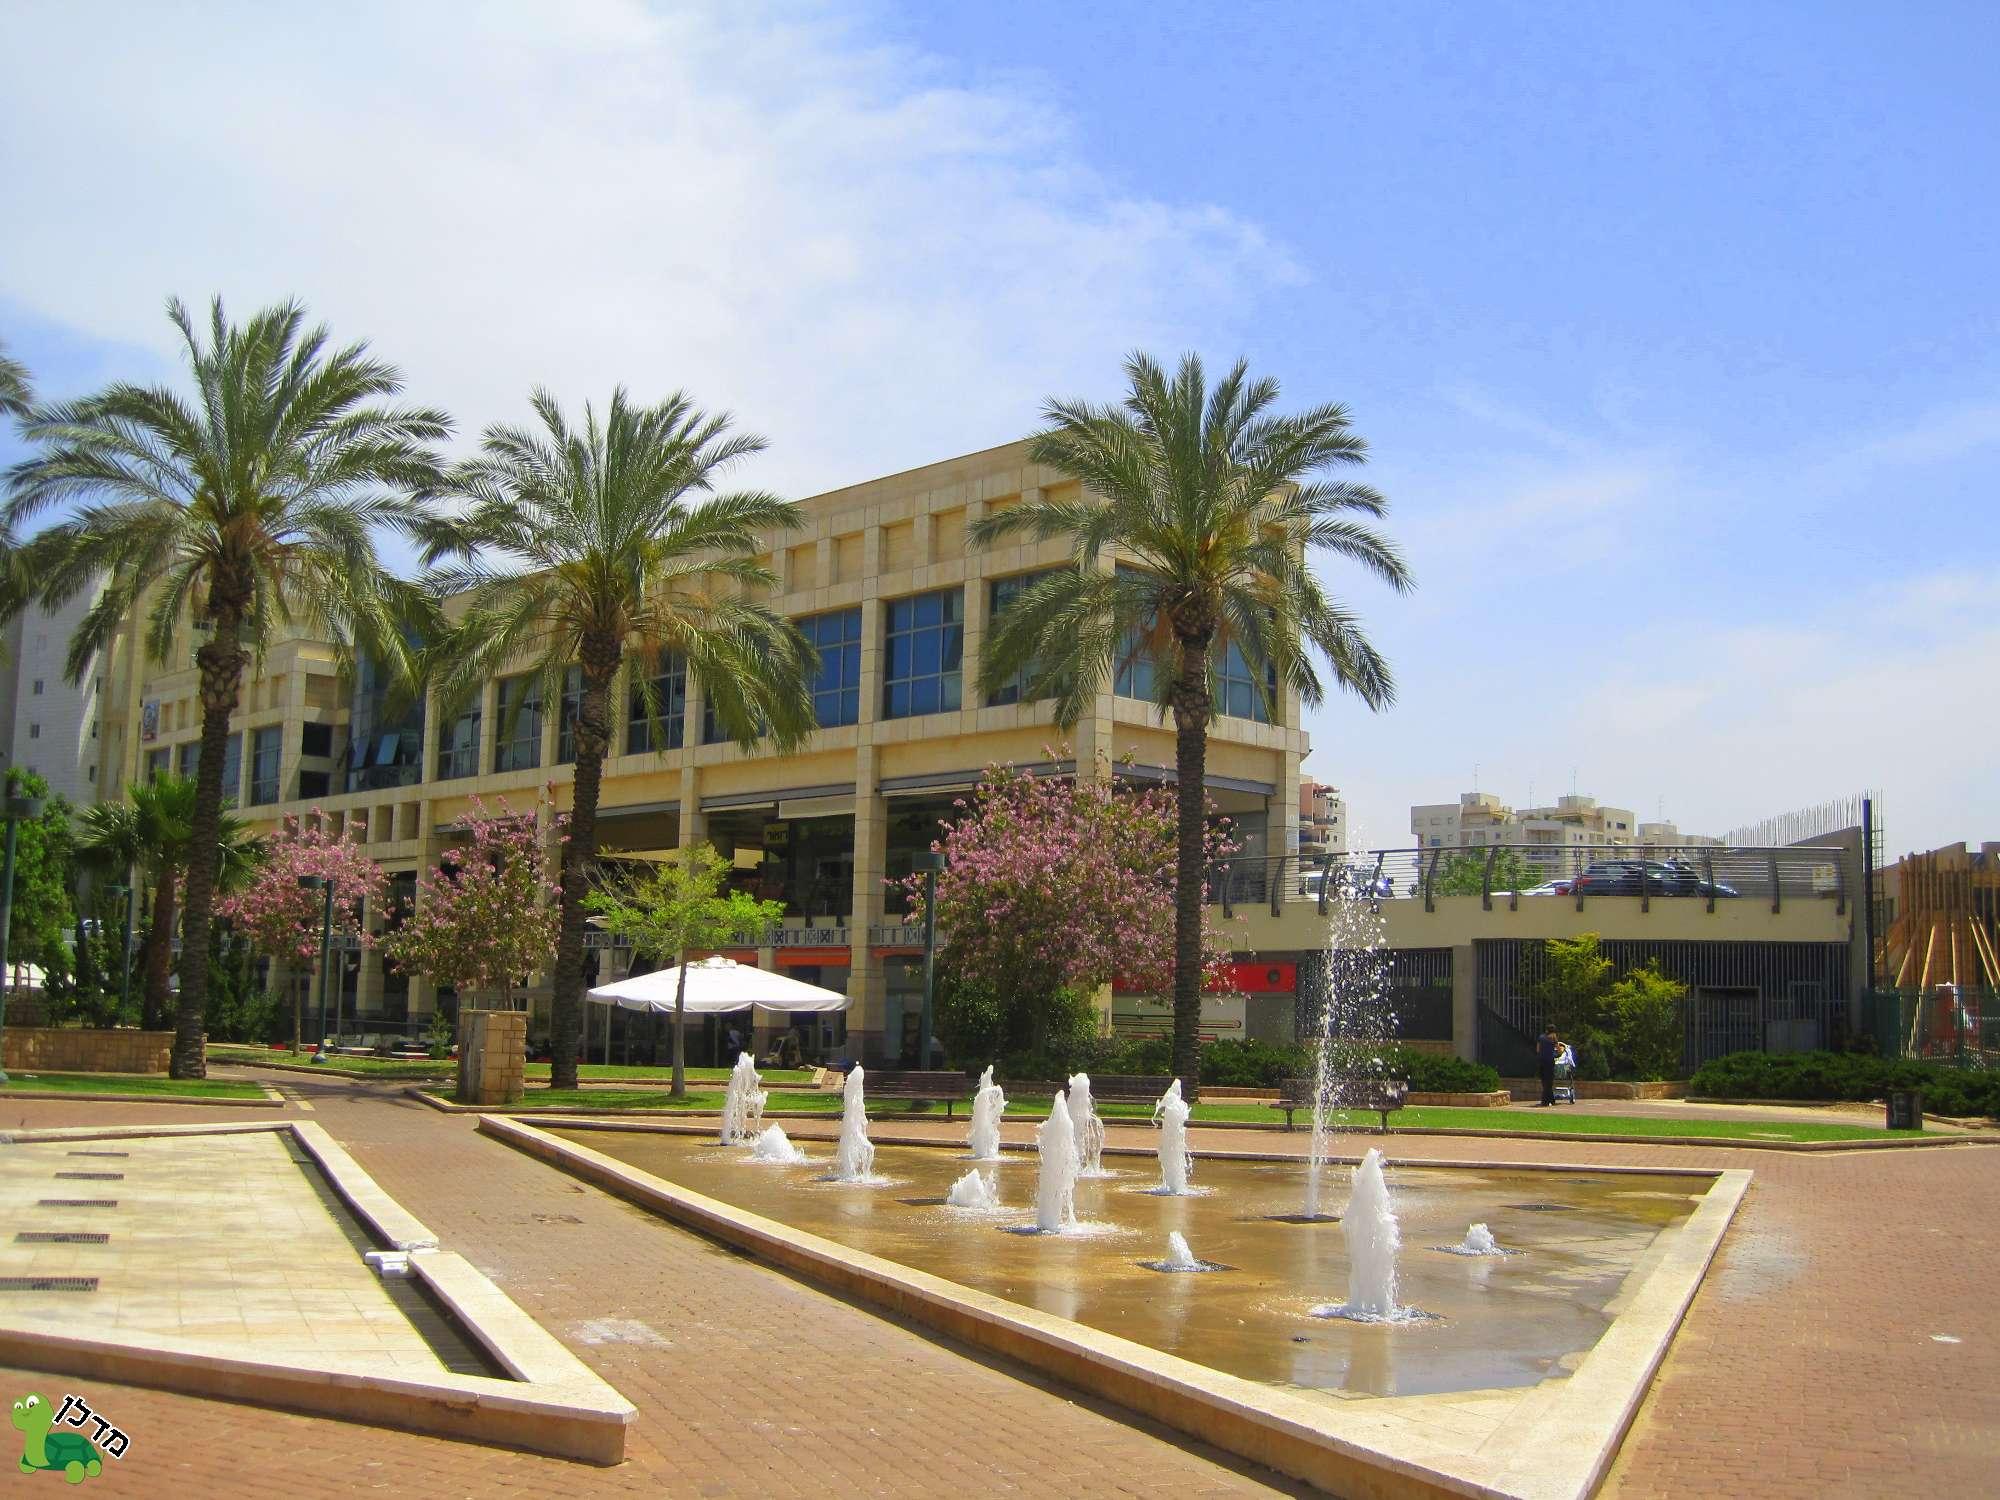 מגה וברק דירות למכירה בתל ברוך צפון, תל אביב יפו - 73 דירות באזור WA-85